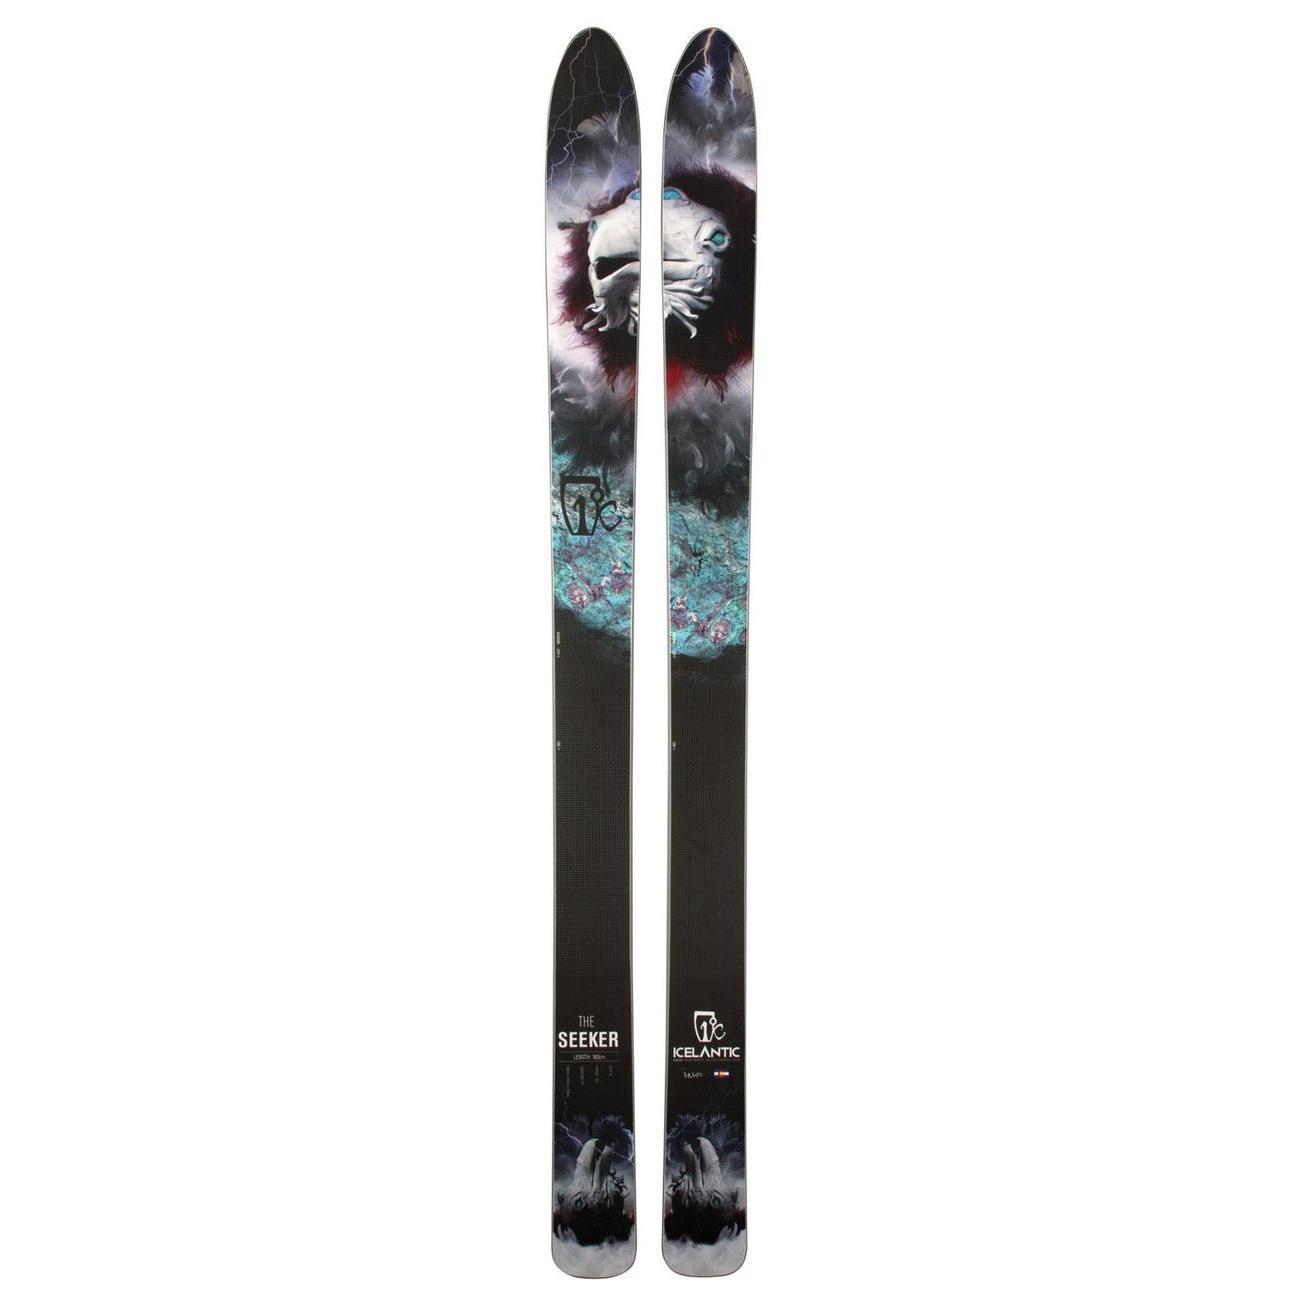 Купить Горные лыжи ICELANTIC 2014-15 SEEKER, лыжи, 1138721